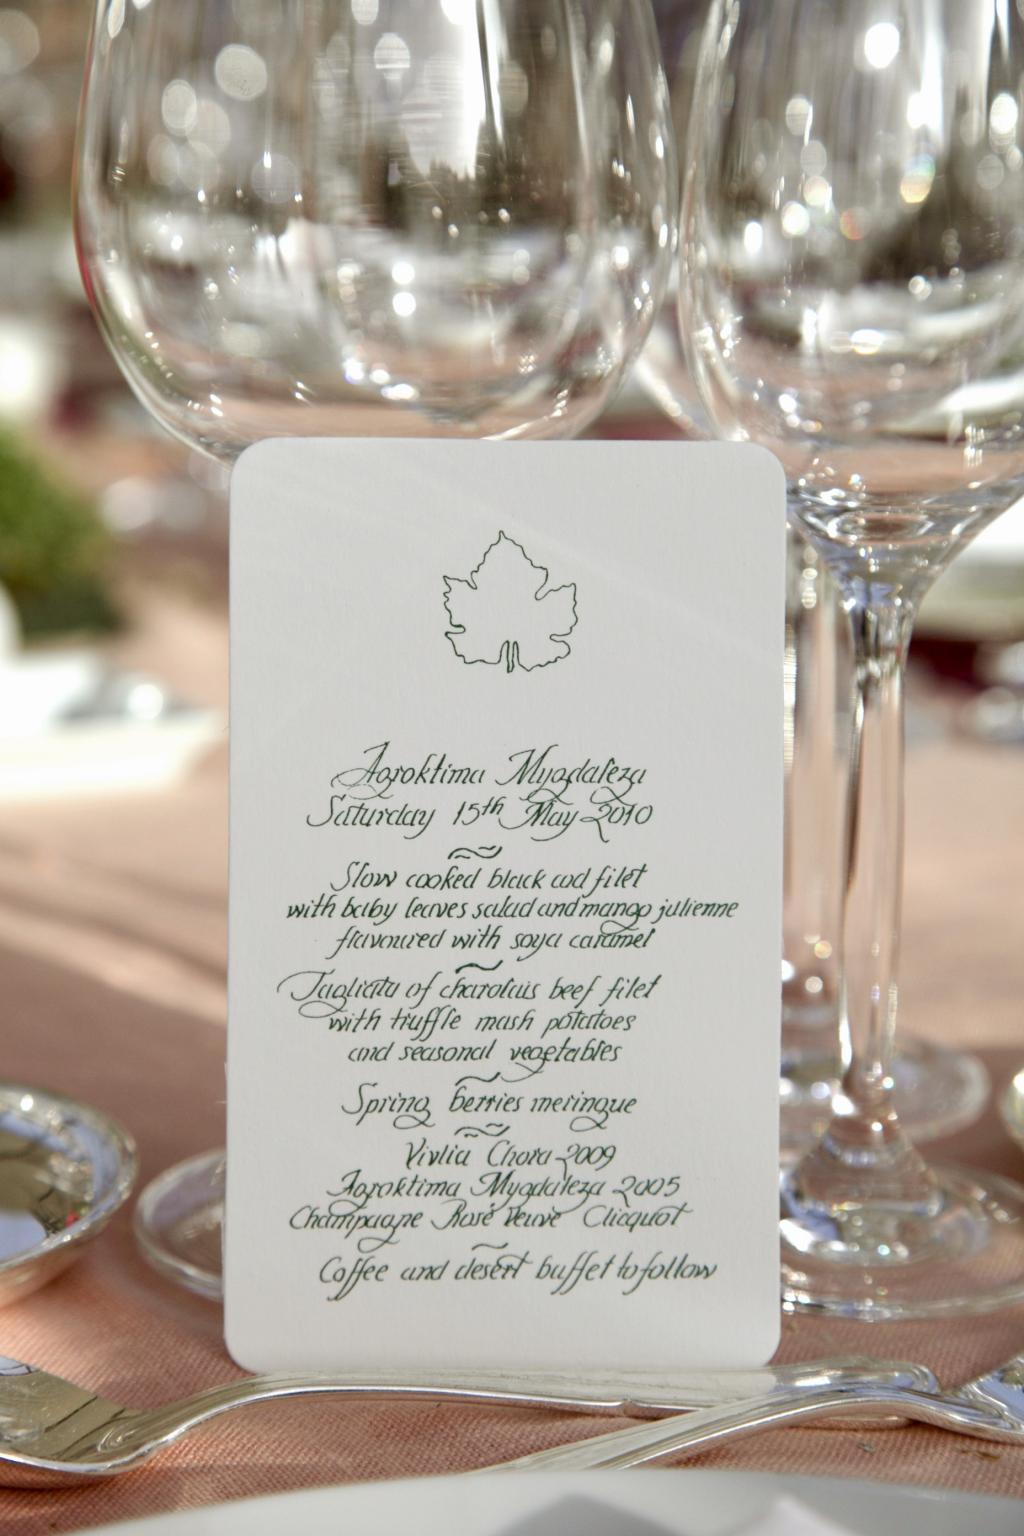 G&I Athens wedding - Image 16